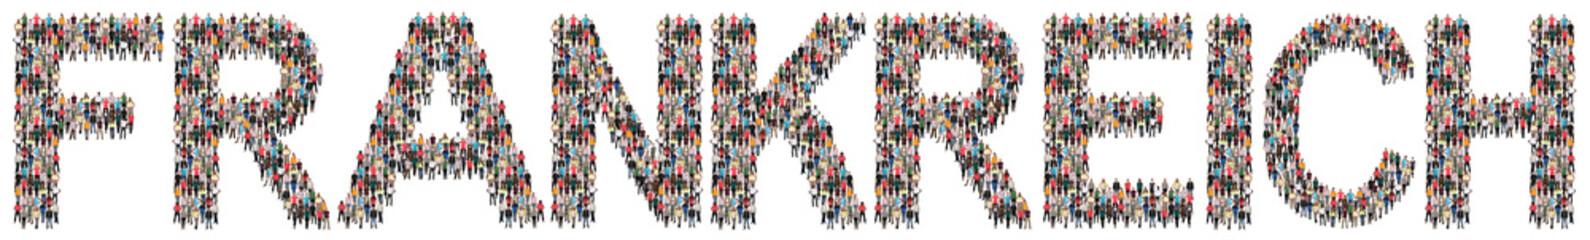 Frankreich Leute Menschen People Gruppe Menschengruppe